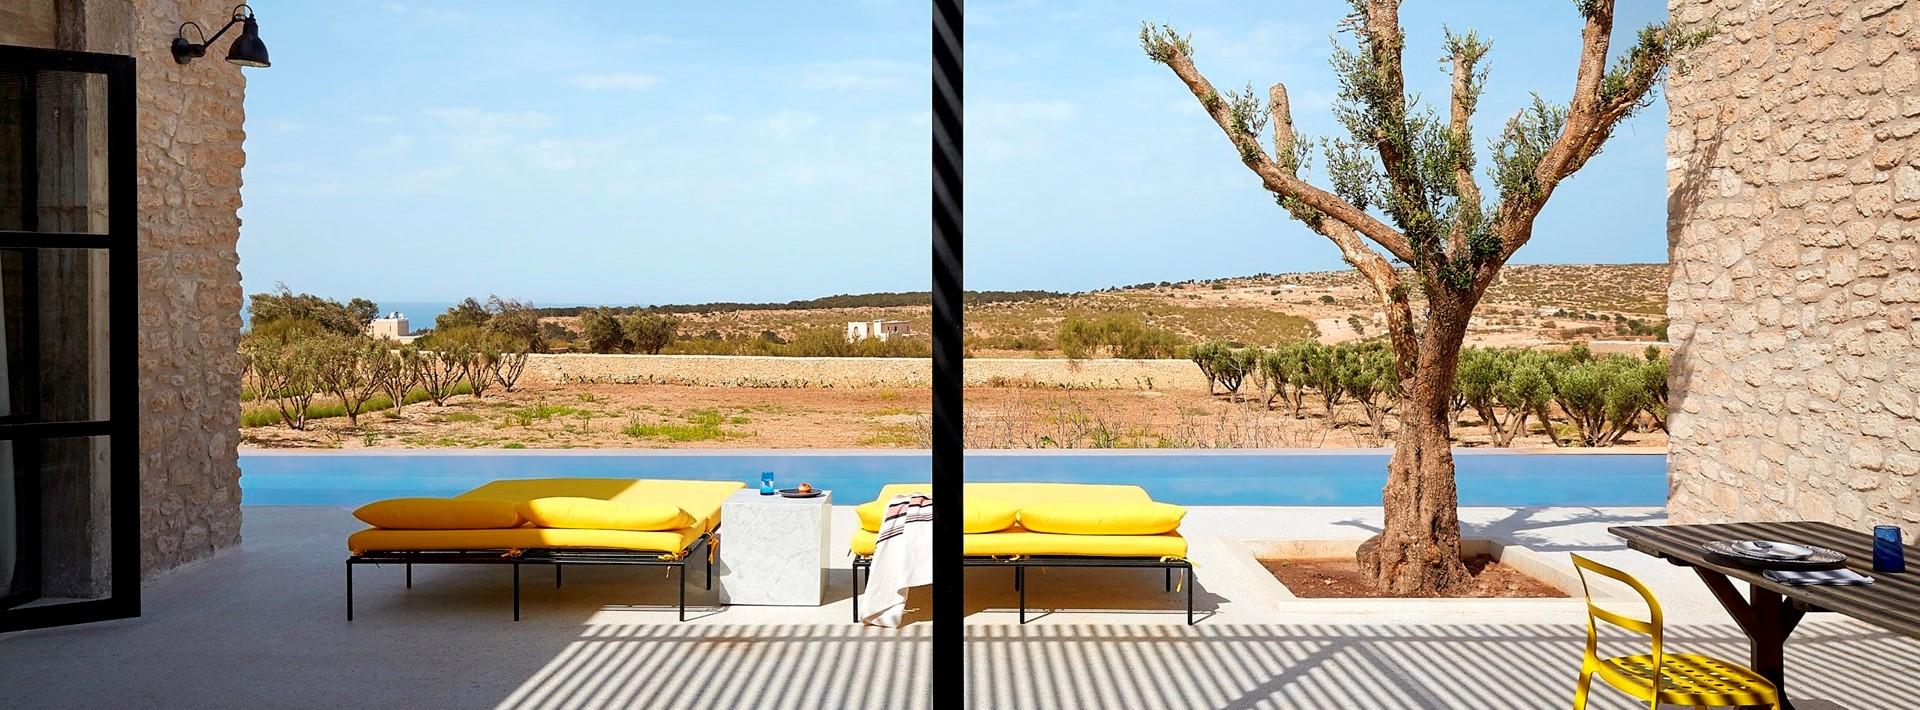 villa-mabrouka-essaouira-pool-terrace